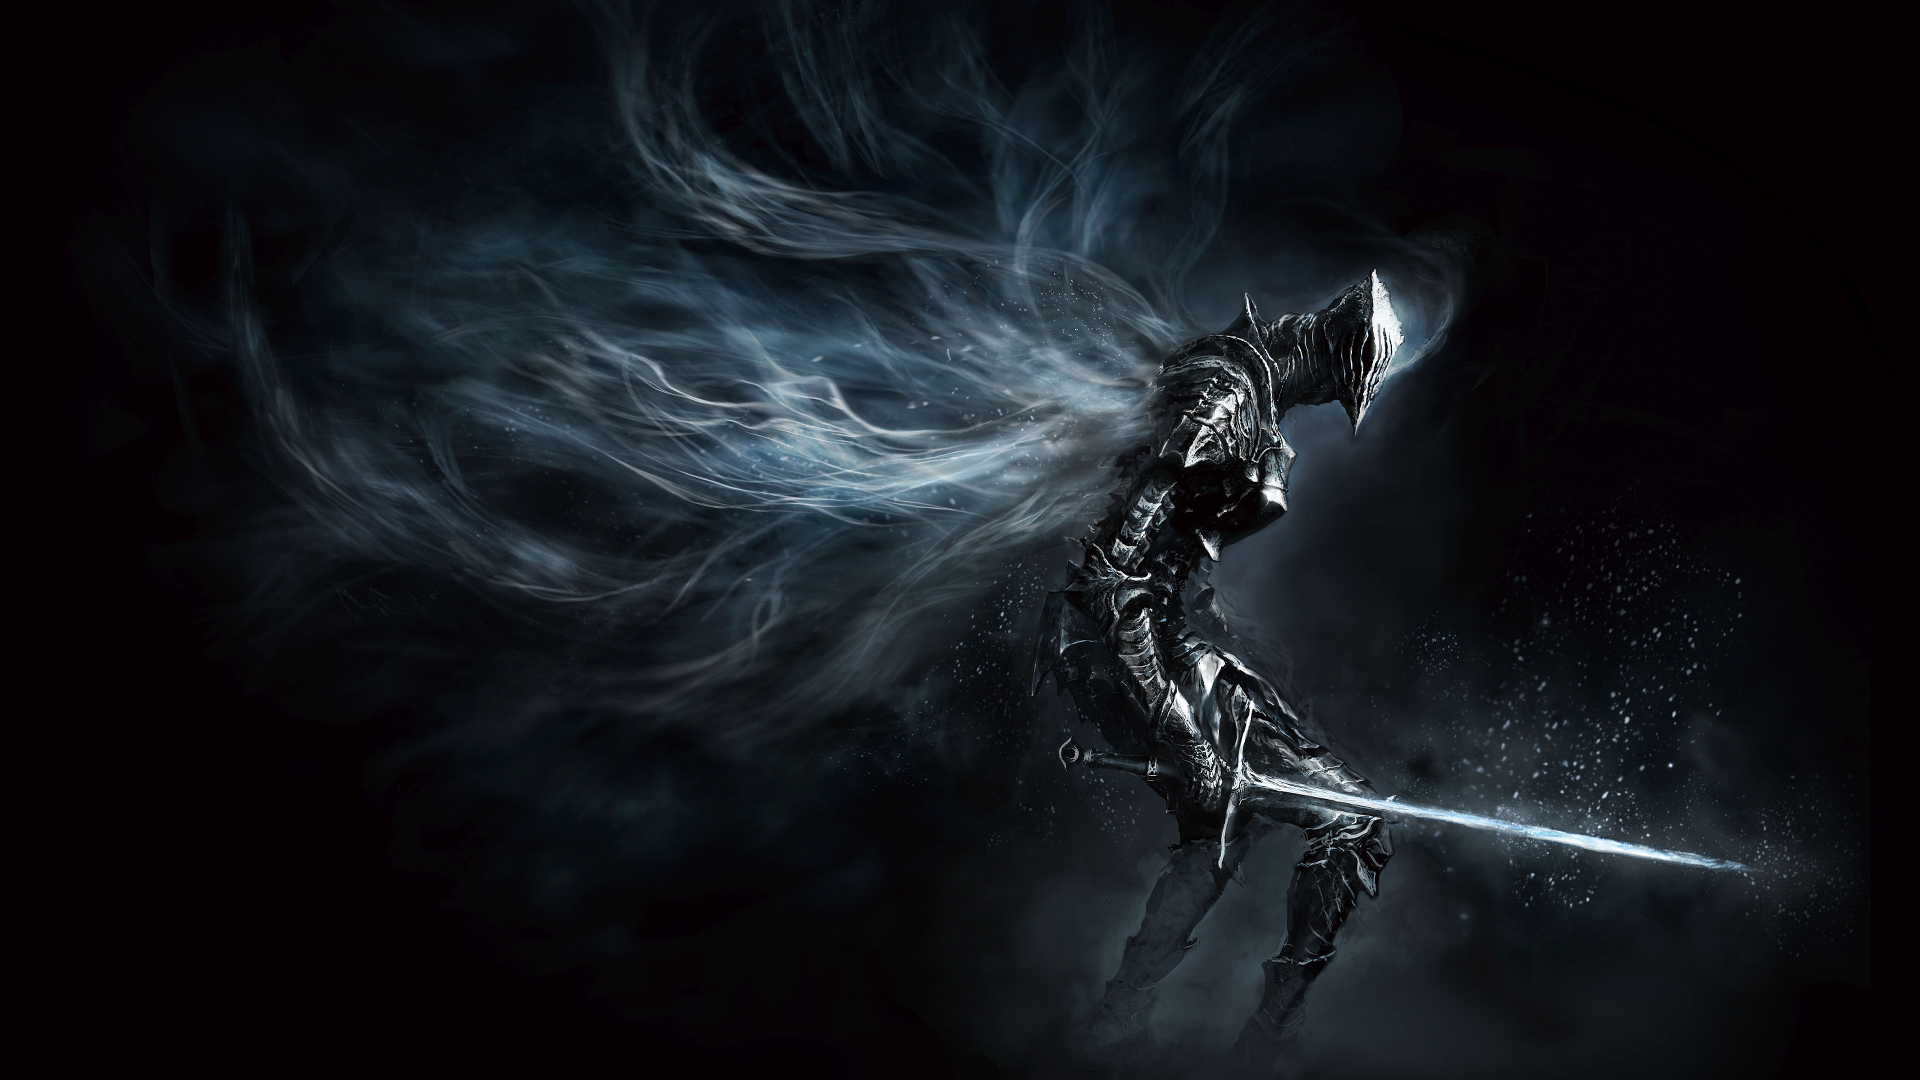 dark knight wallpaper full hd